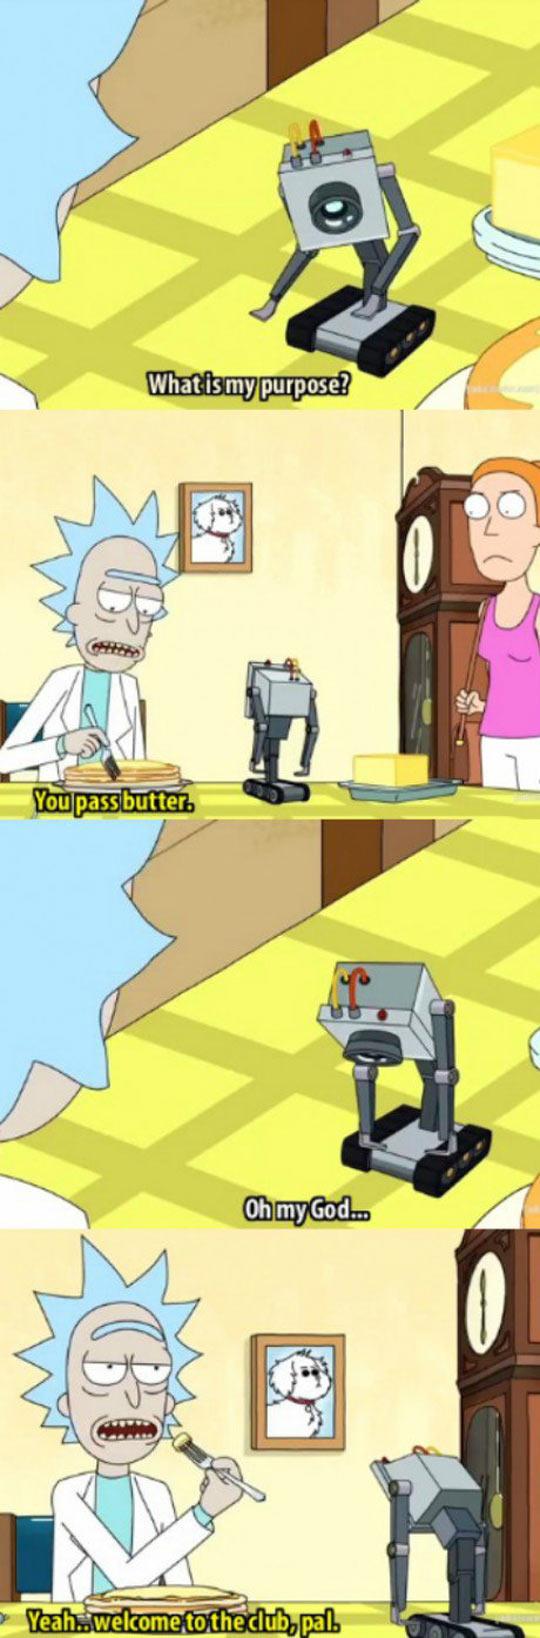 funny-robot-crisis-Rick-Morty-show.jpg